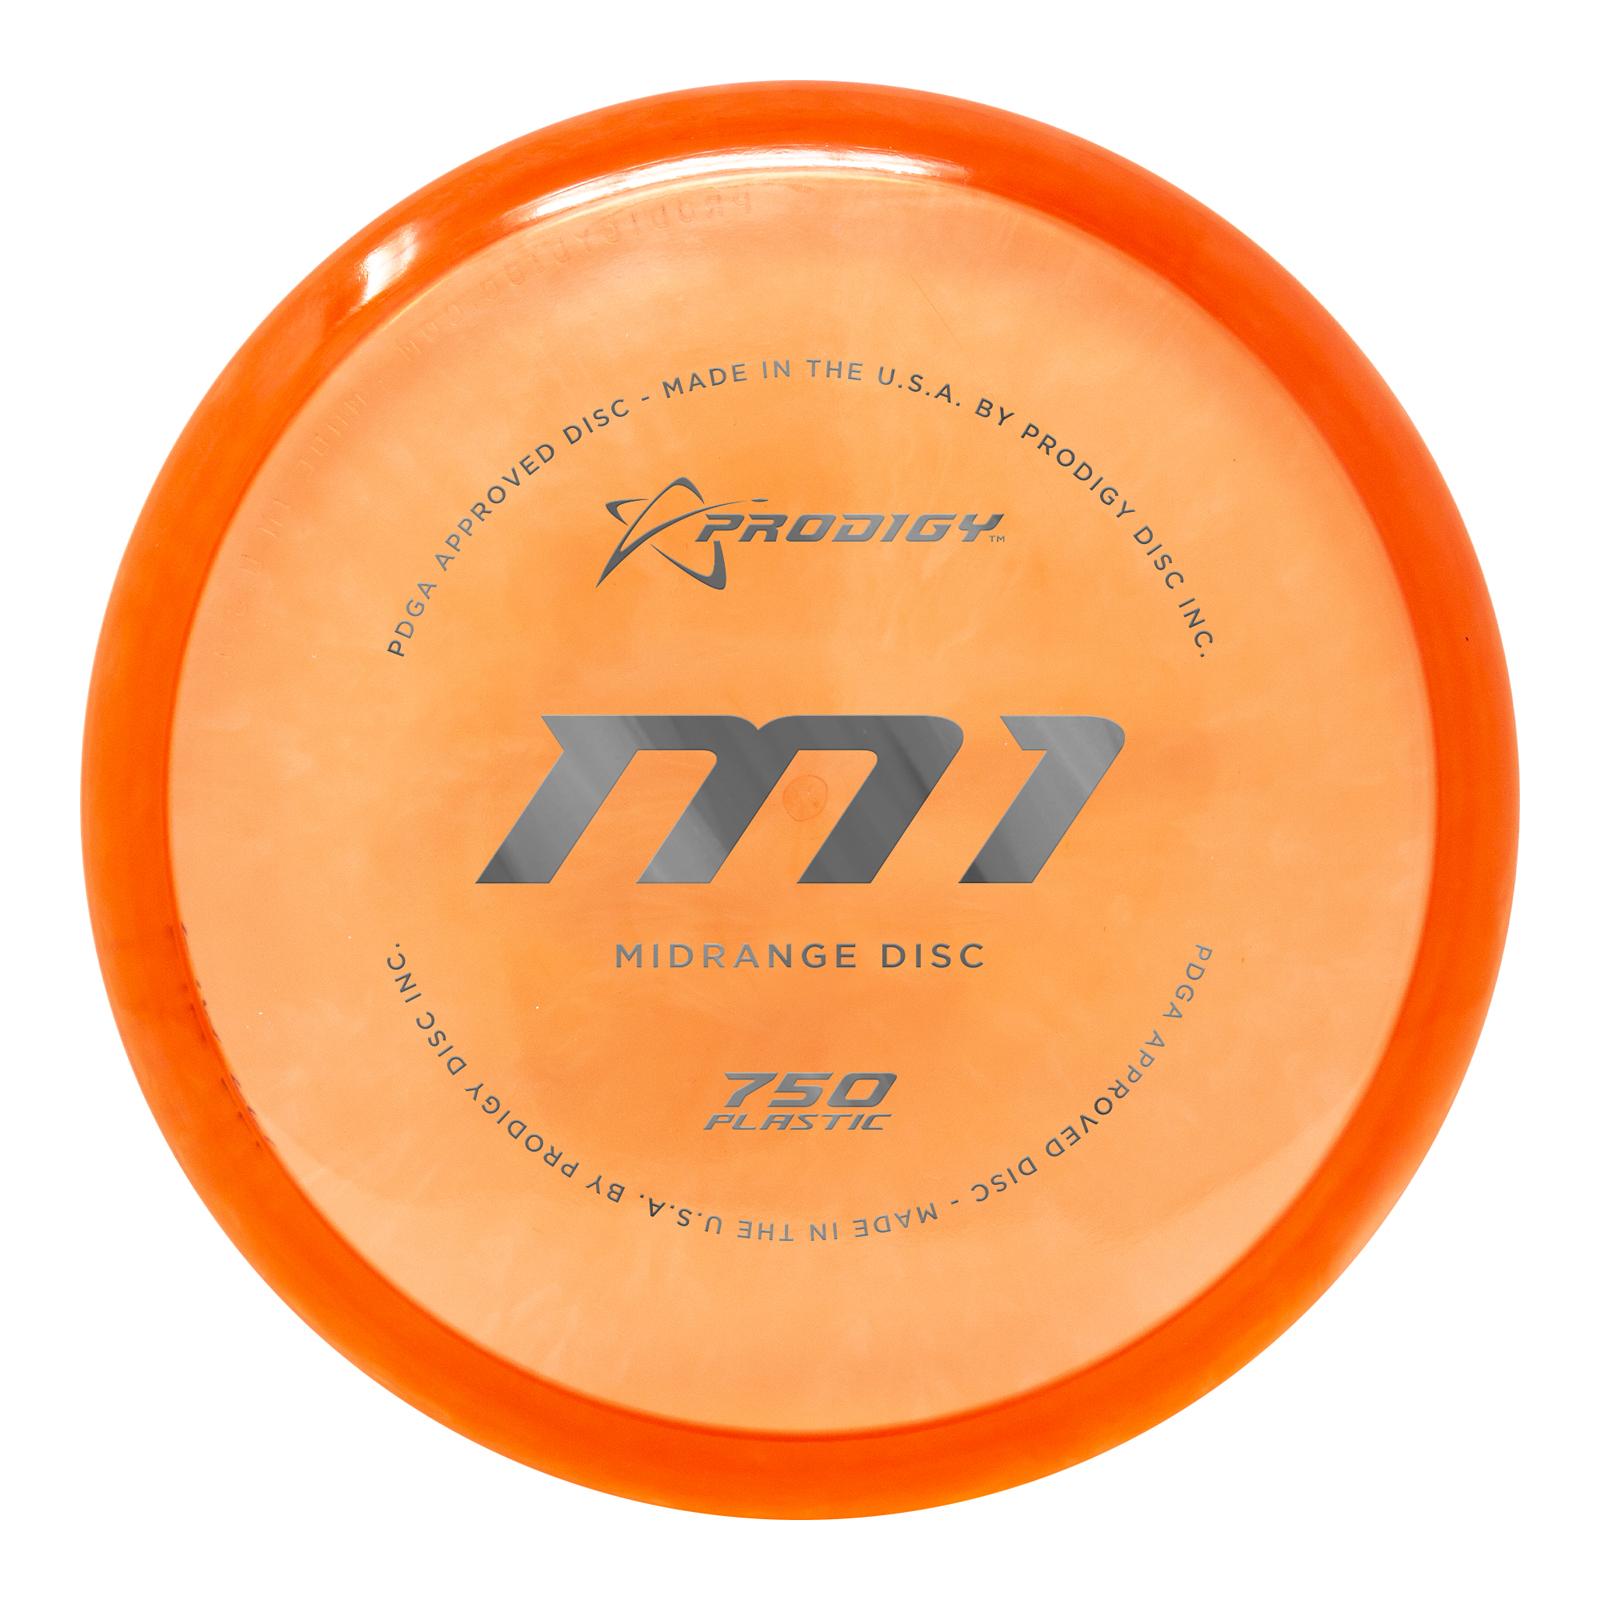 M1 - 750 PLASTIC